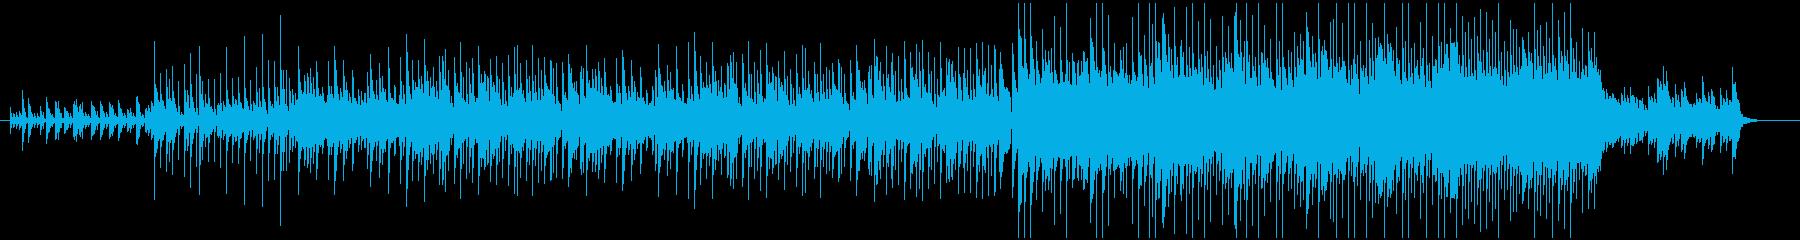 和風で爽やかなミュージックの再生済みの波形